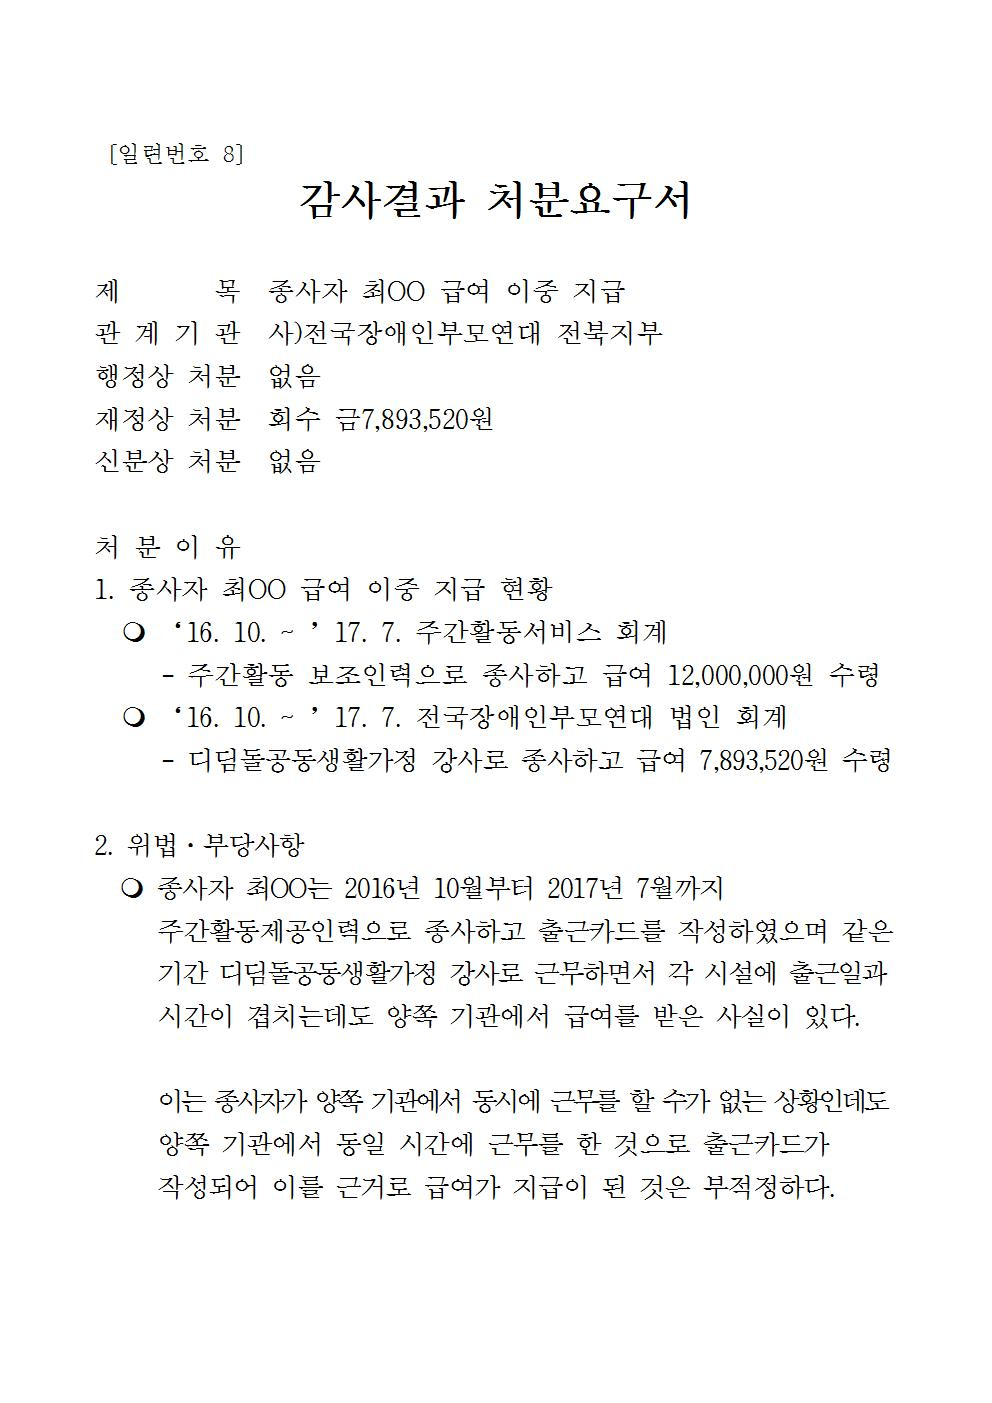 붙임) 처분요구서_전주시 생활복지과-37898(2017.9.1)호(공개용)015.jpg